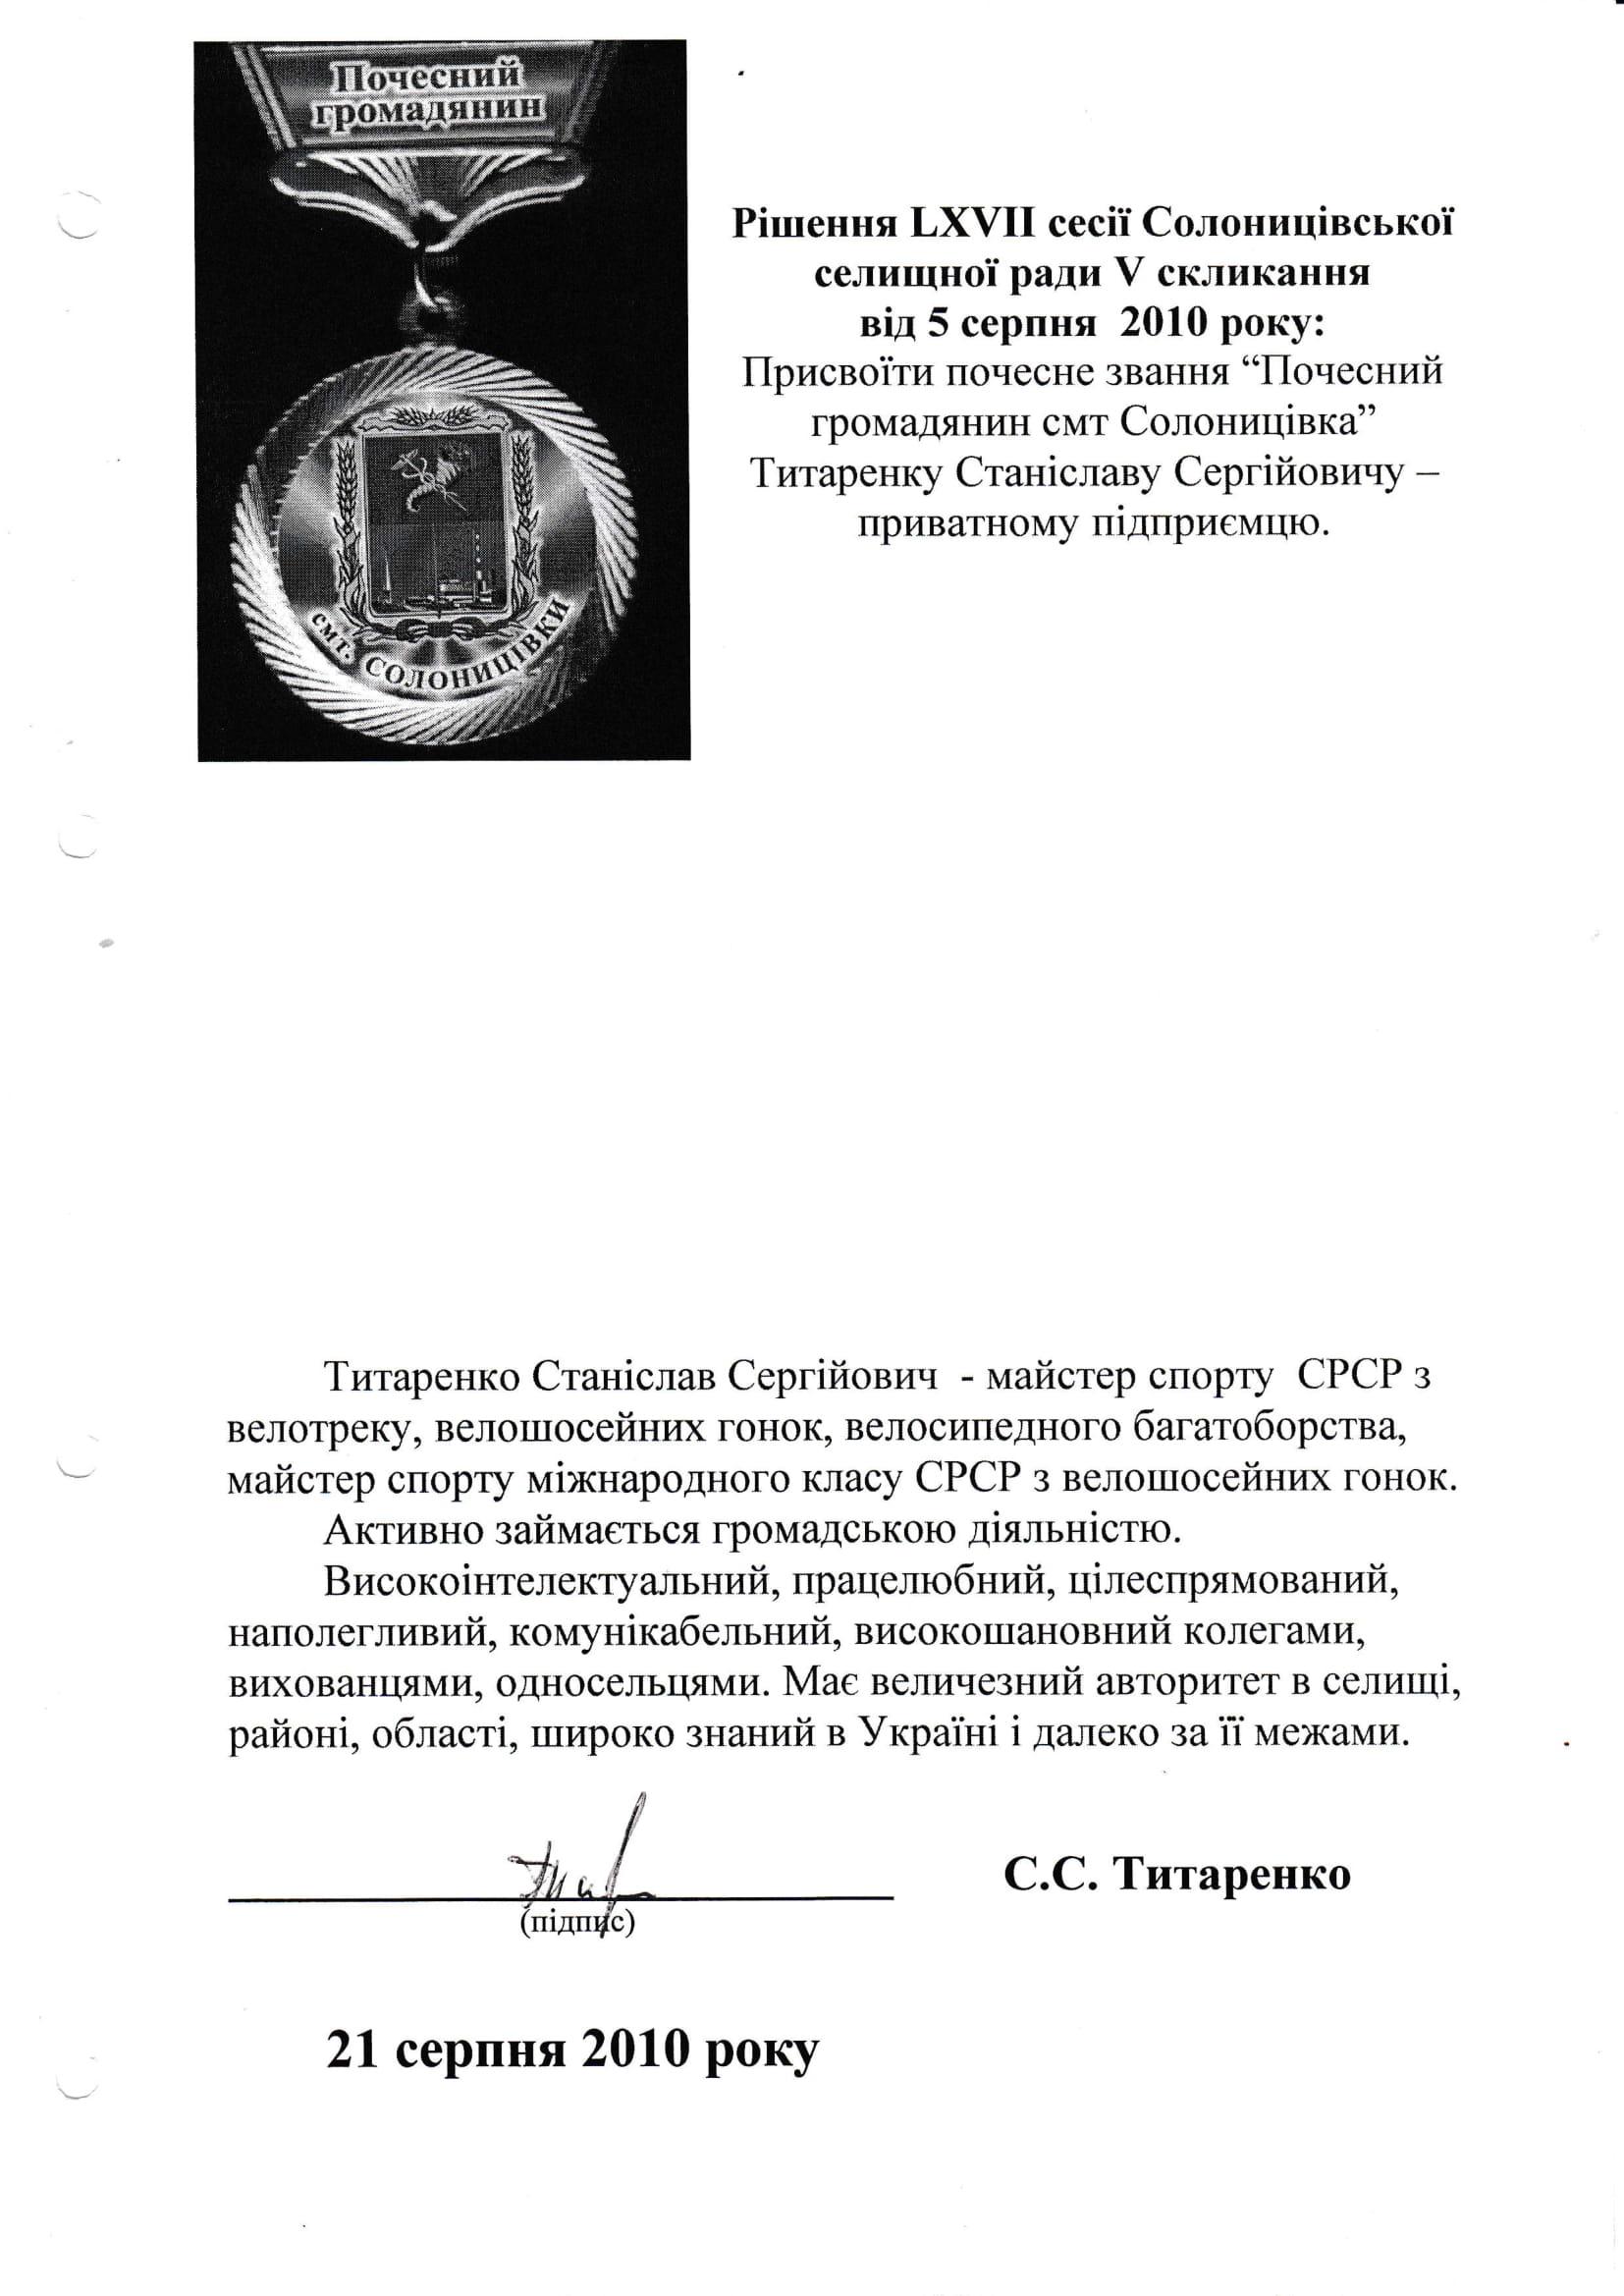 Титаренко Станіслав Сергійович